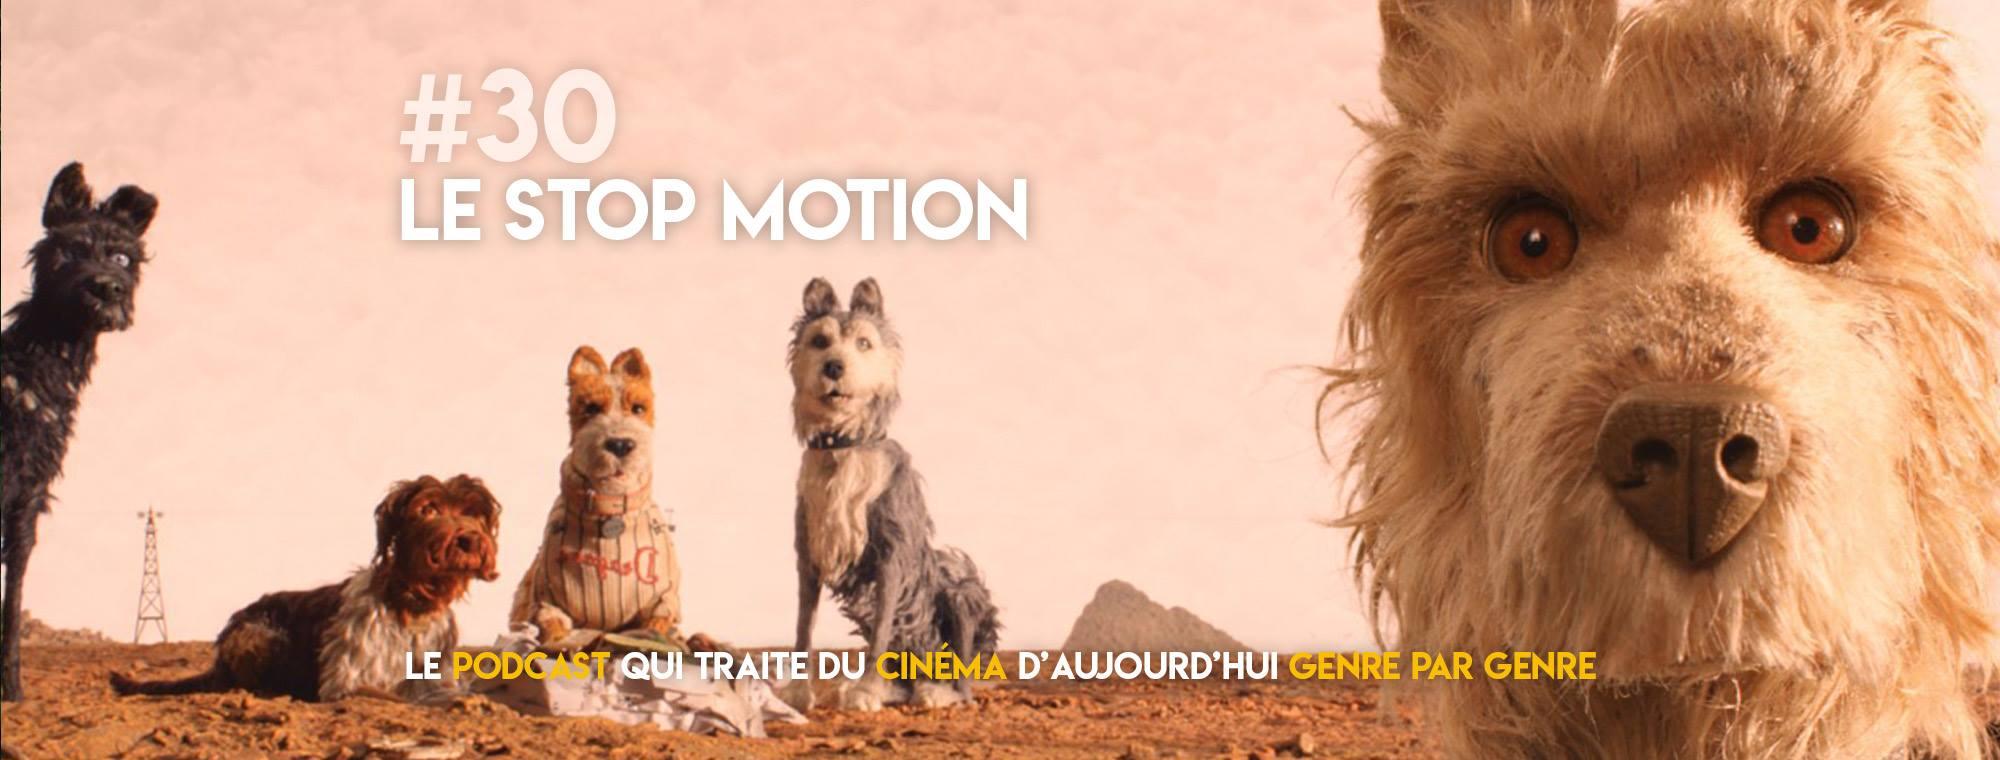 Parlons Péloches - #30 Le film en stop motion